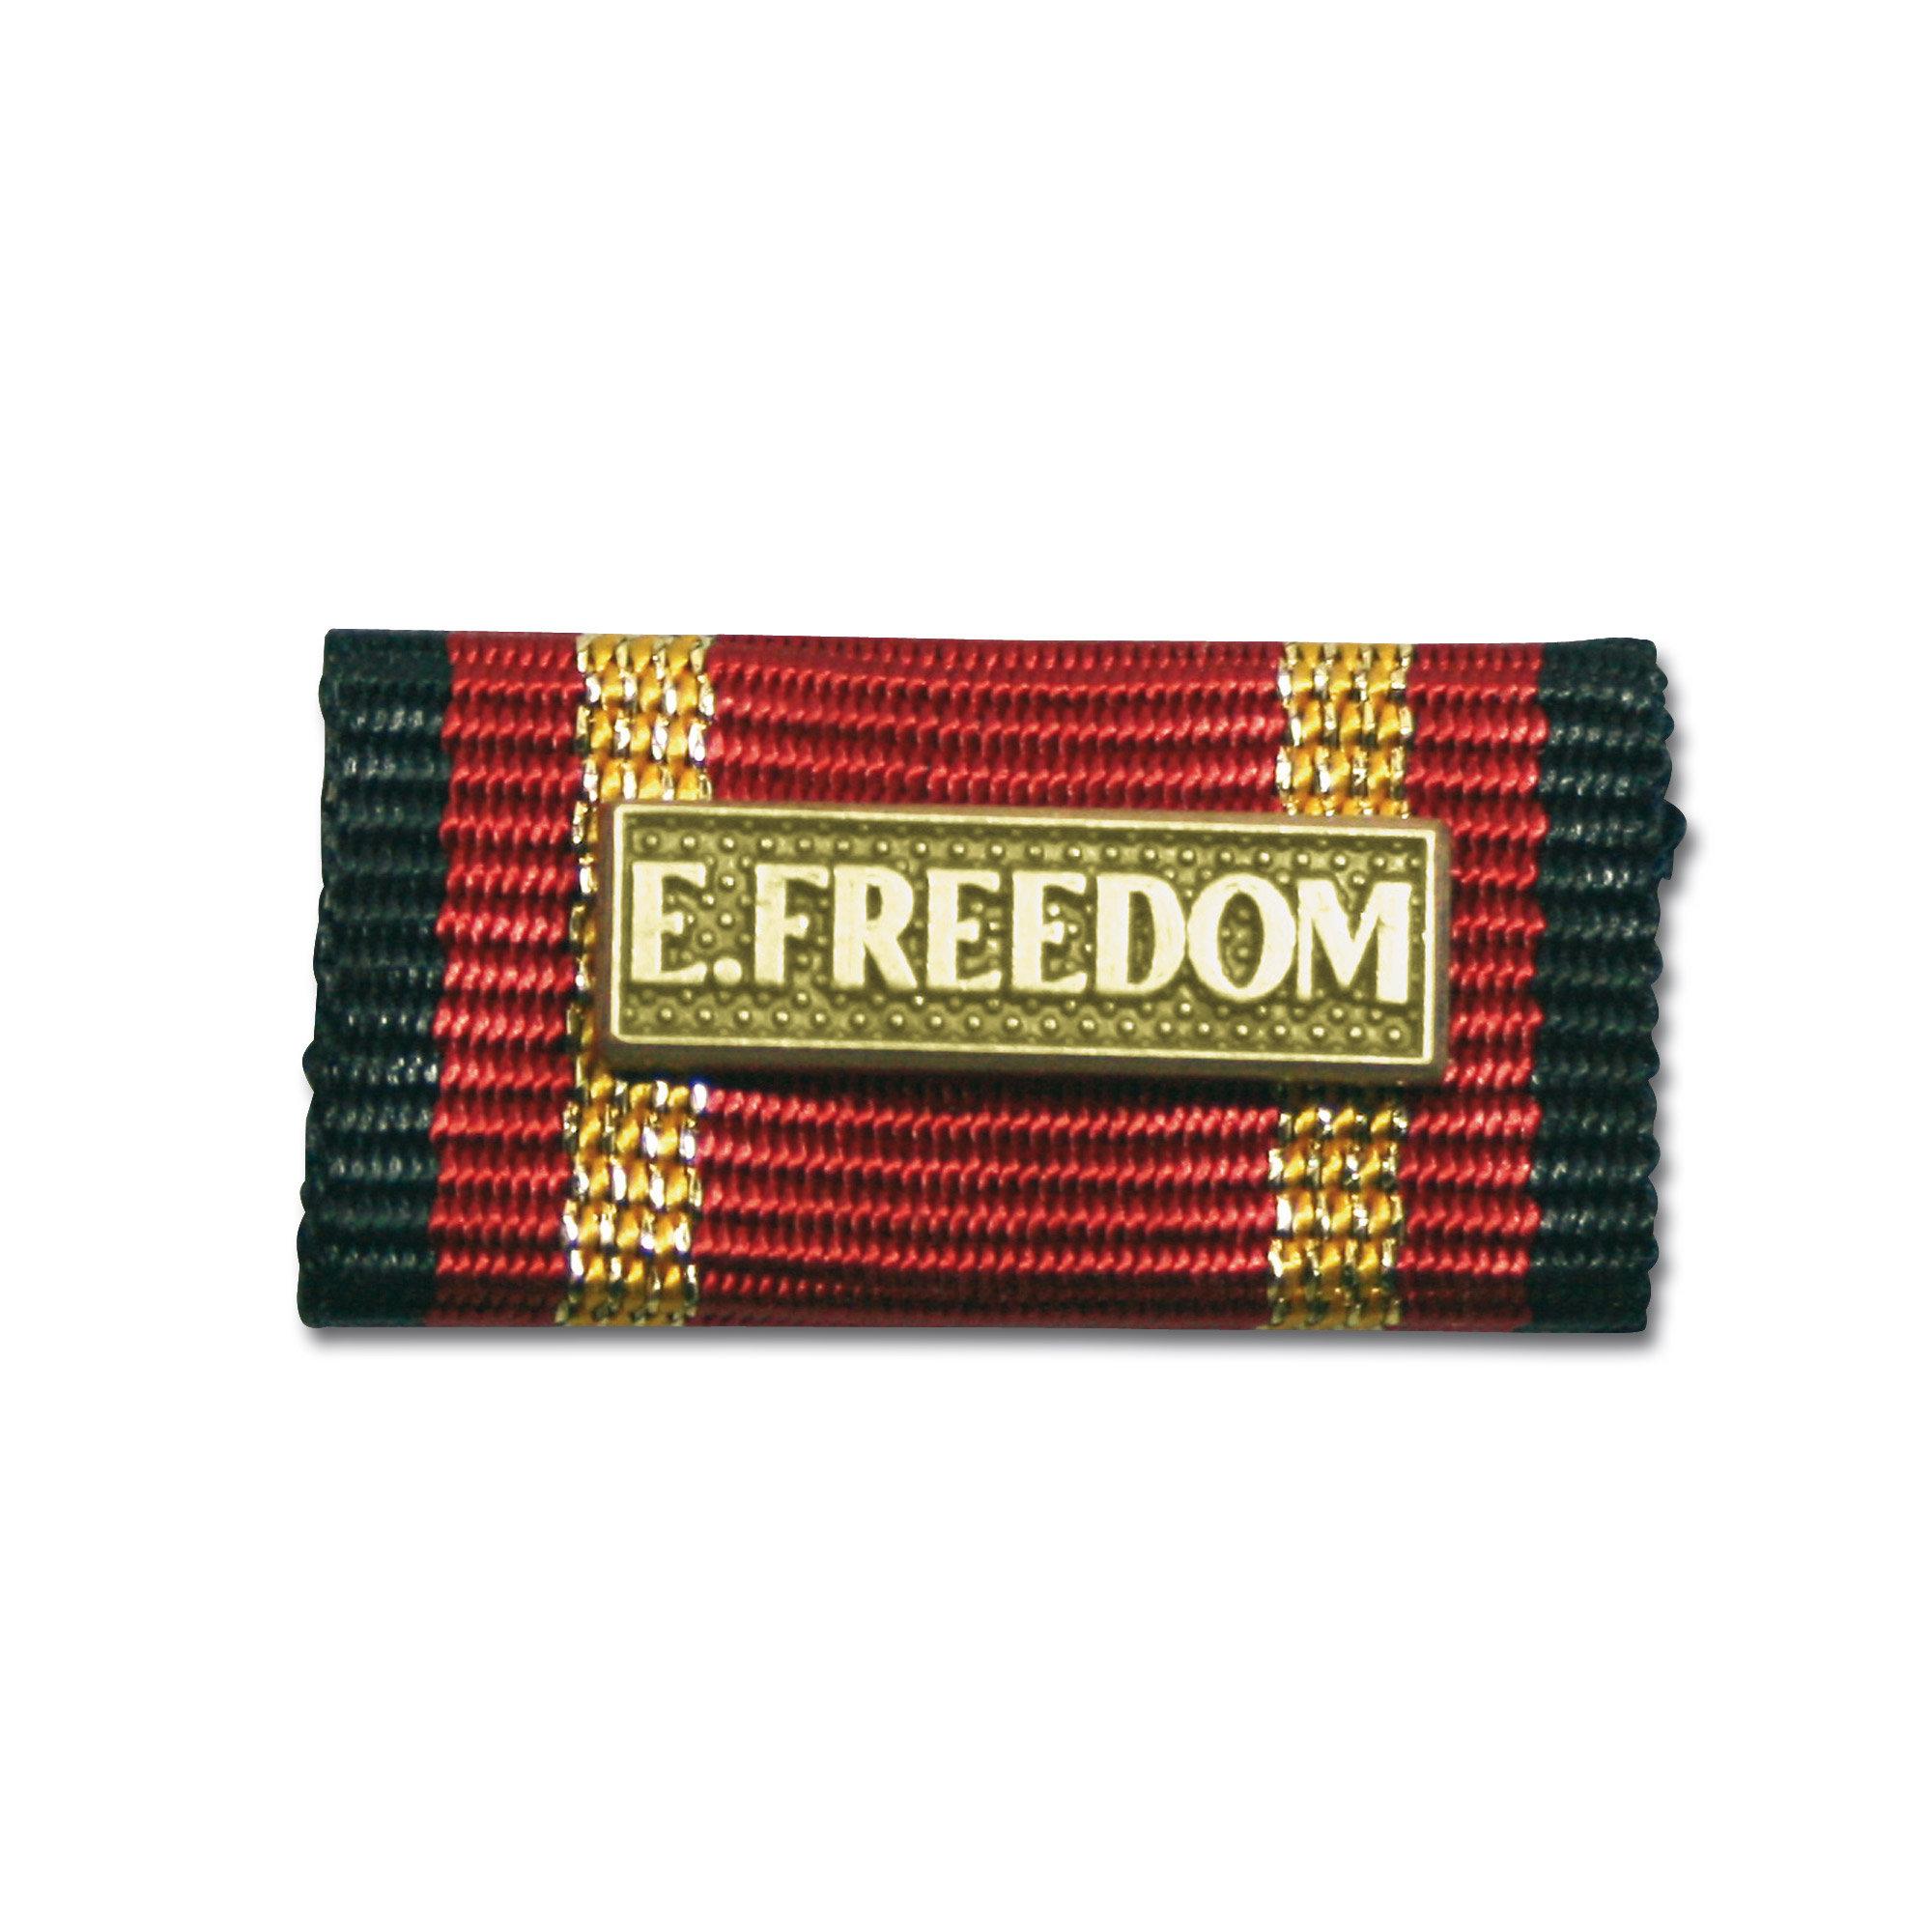 Ordensspange Auslandseinsatz Enduring Freedom gold